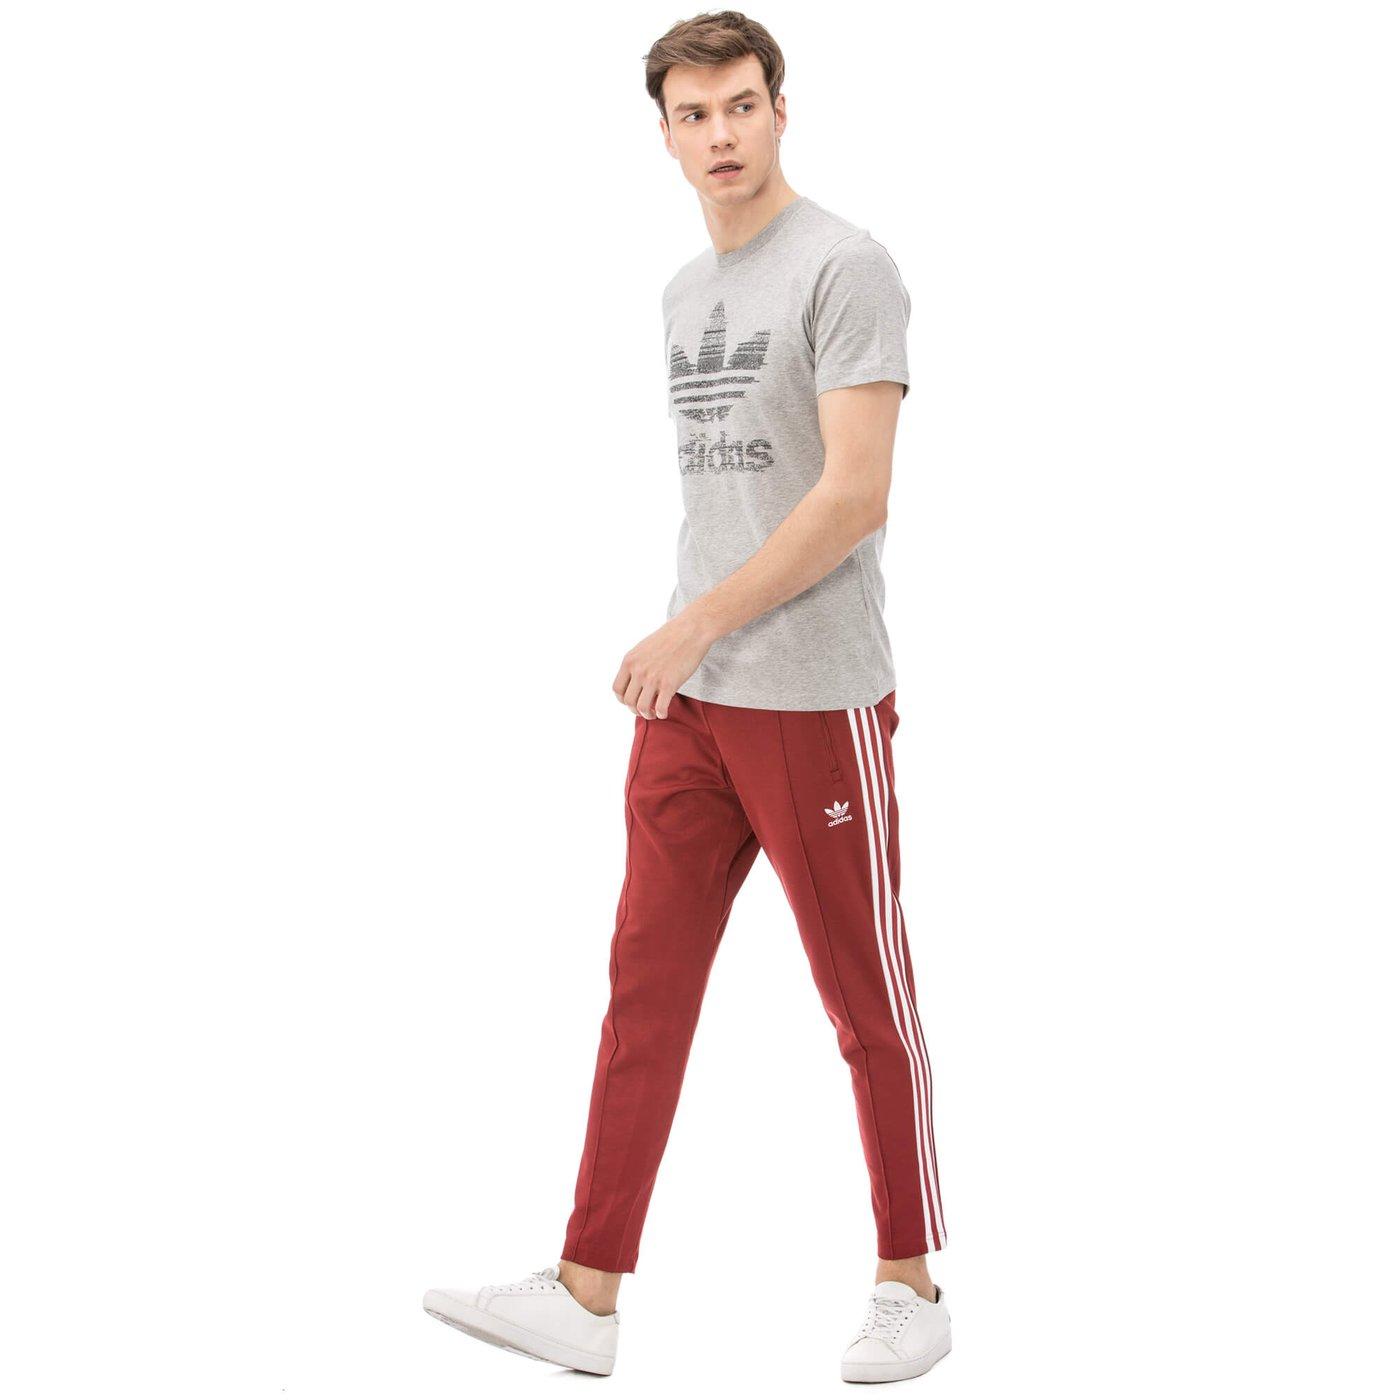 adidas BeckenBauer Tp Rusred Erkek Kırmızı Eşofman Altı